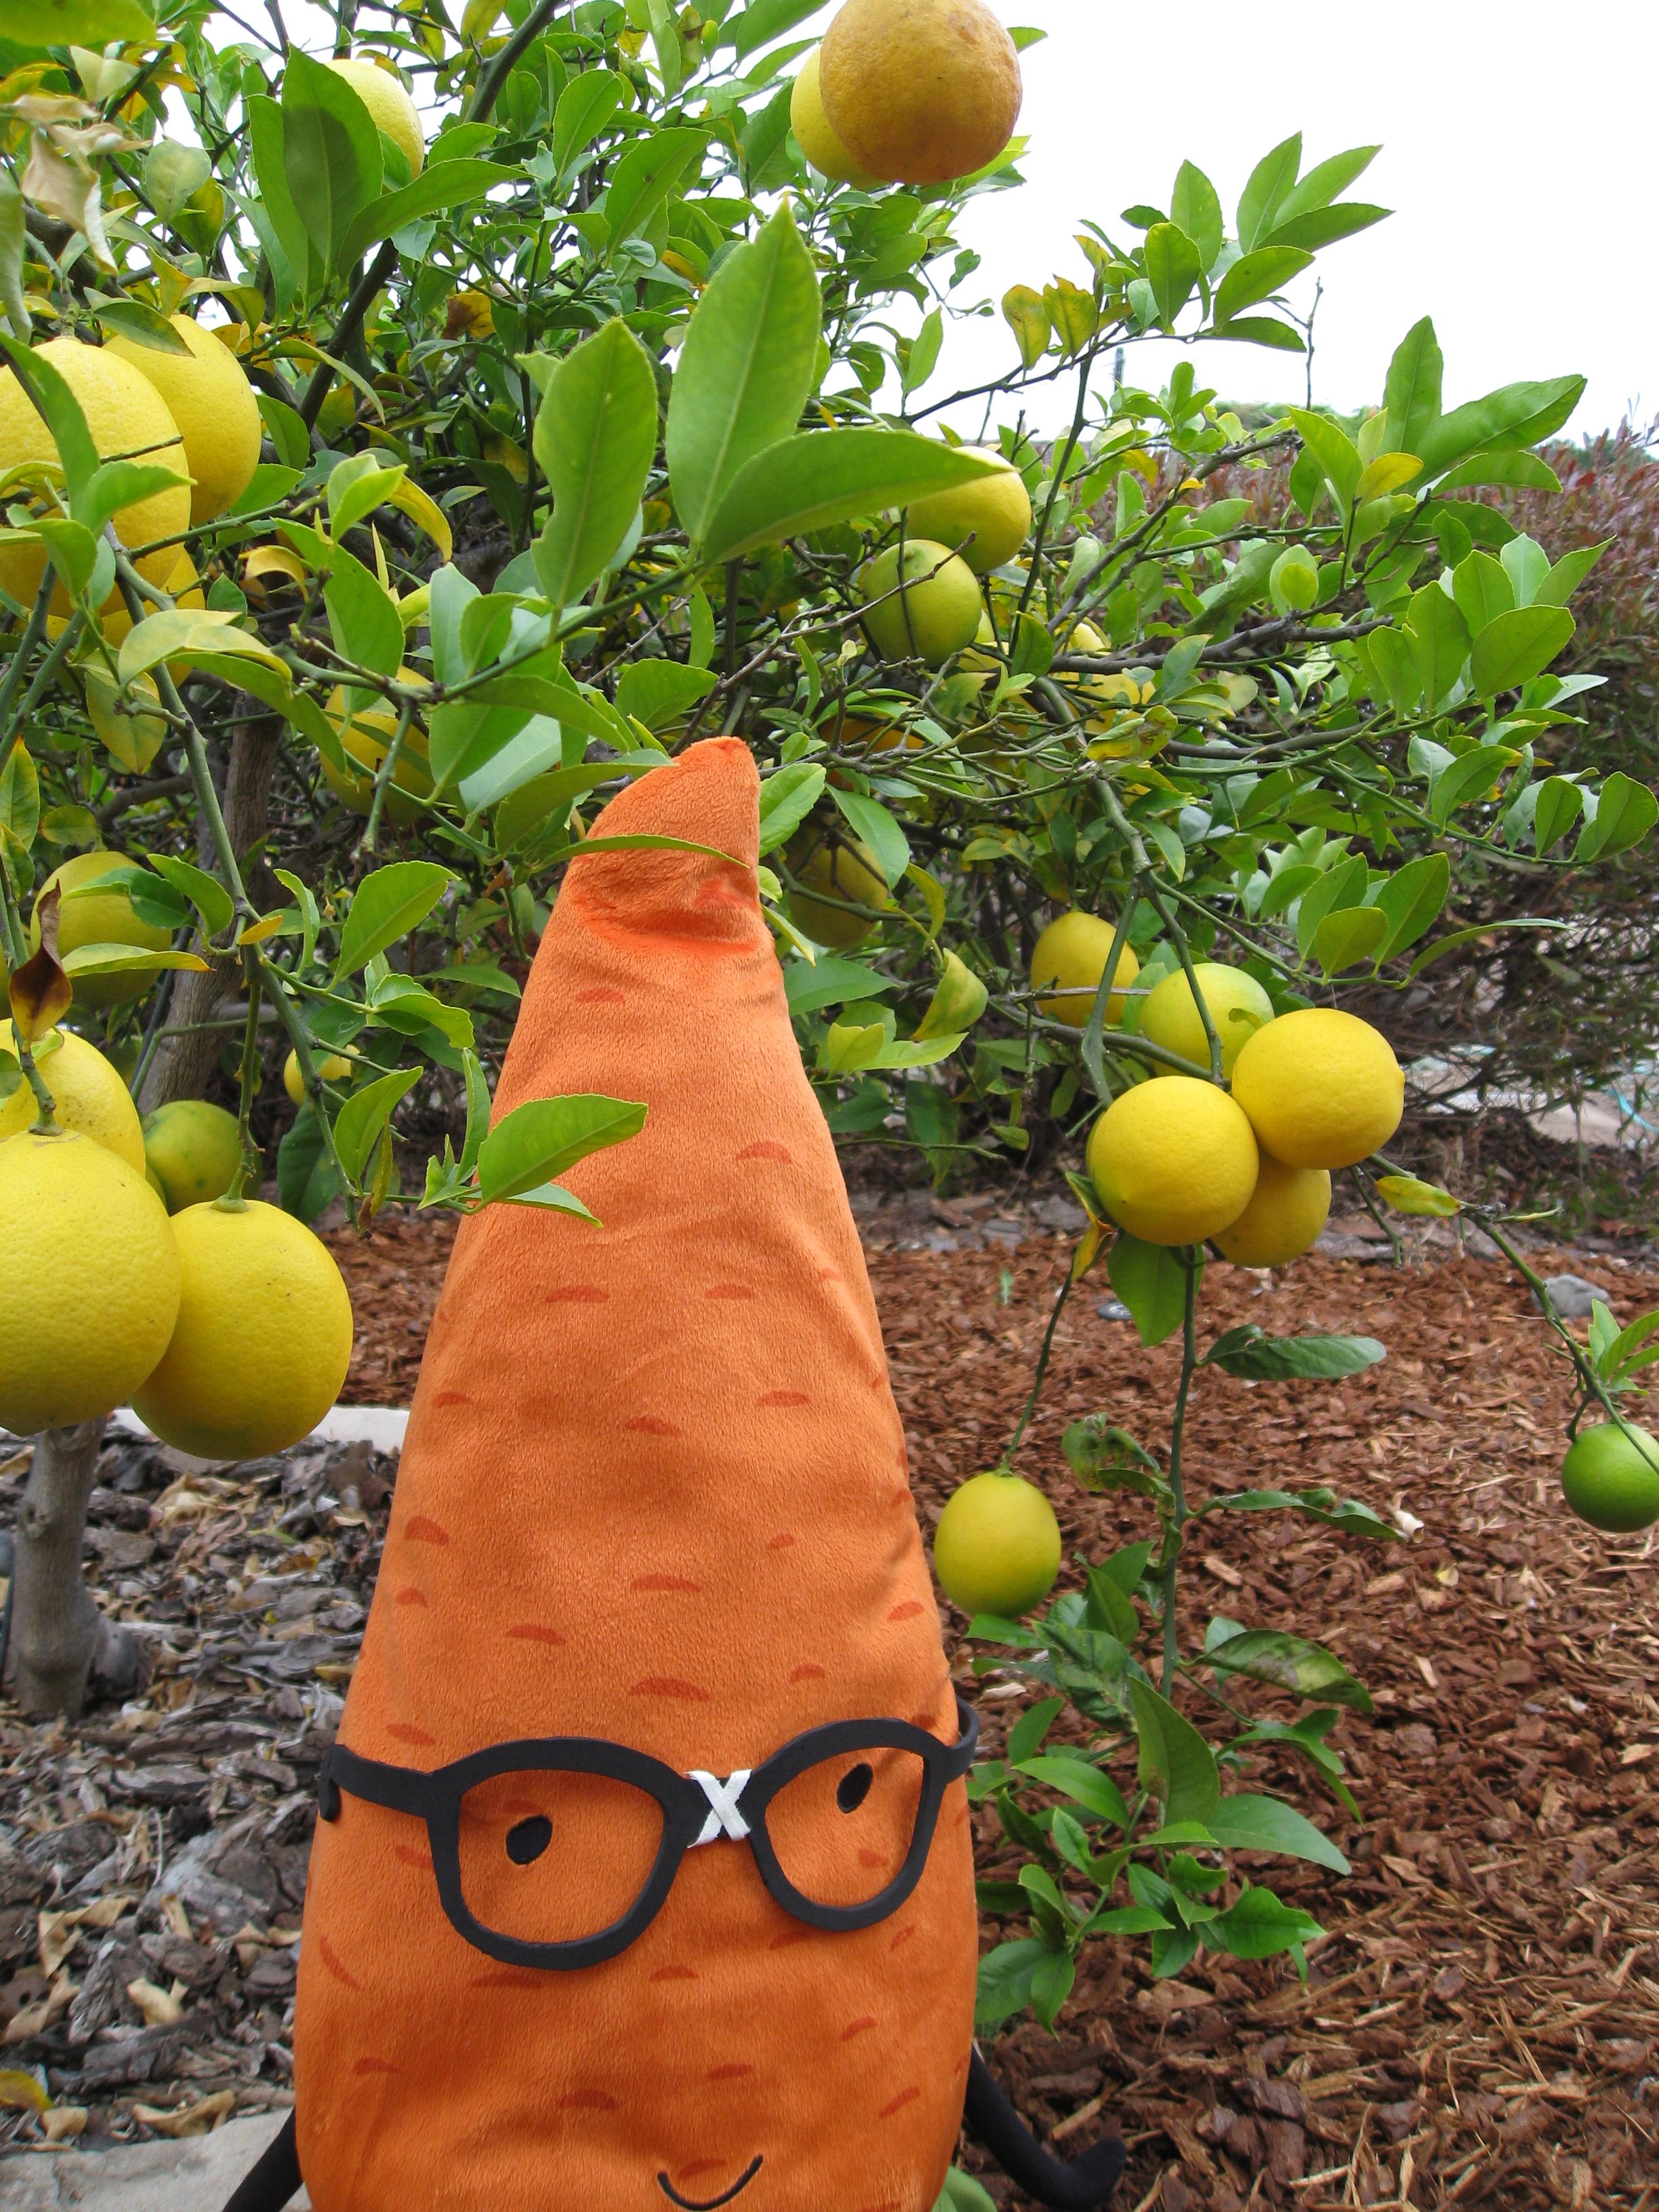 Gardenerd selfie with our Meyer lemon tree in Mar Vista, CA.